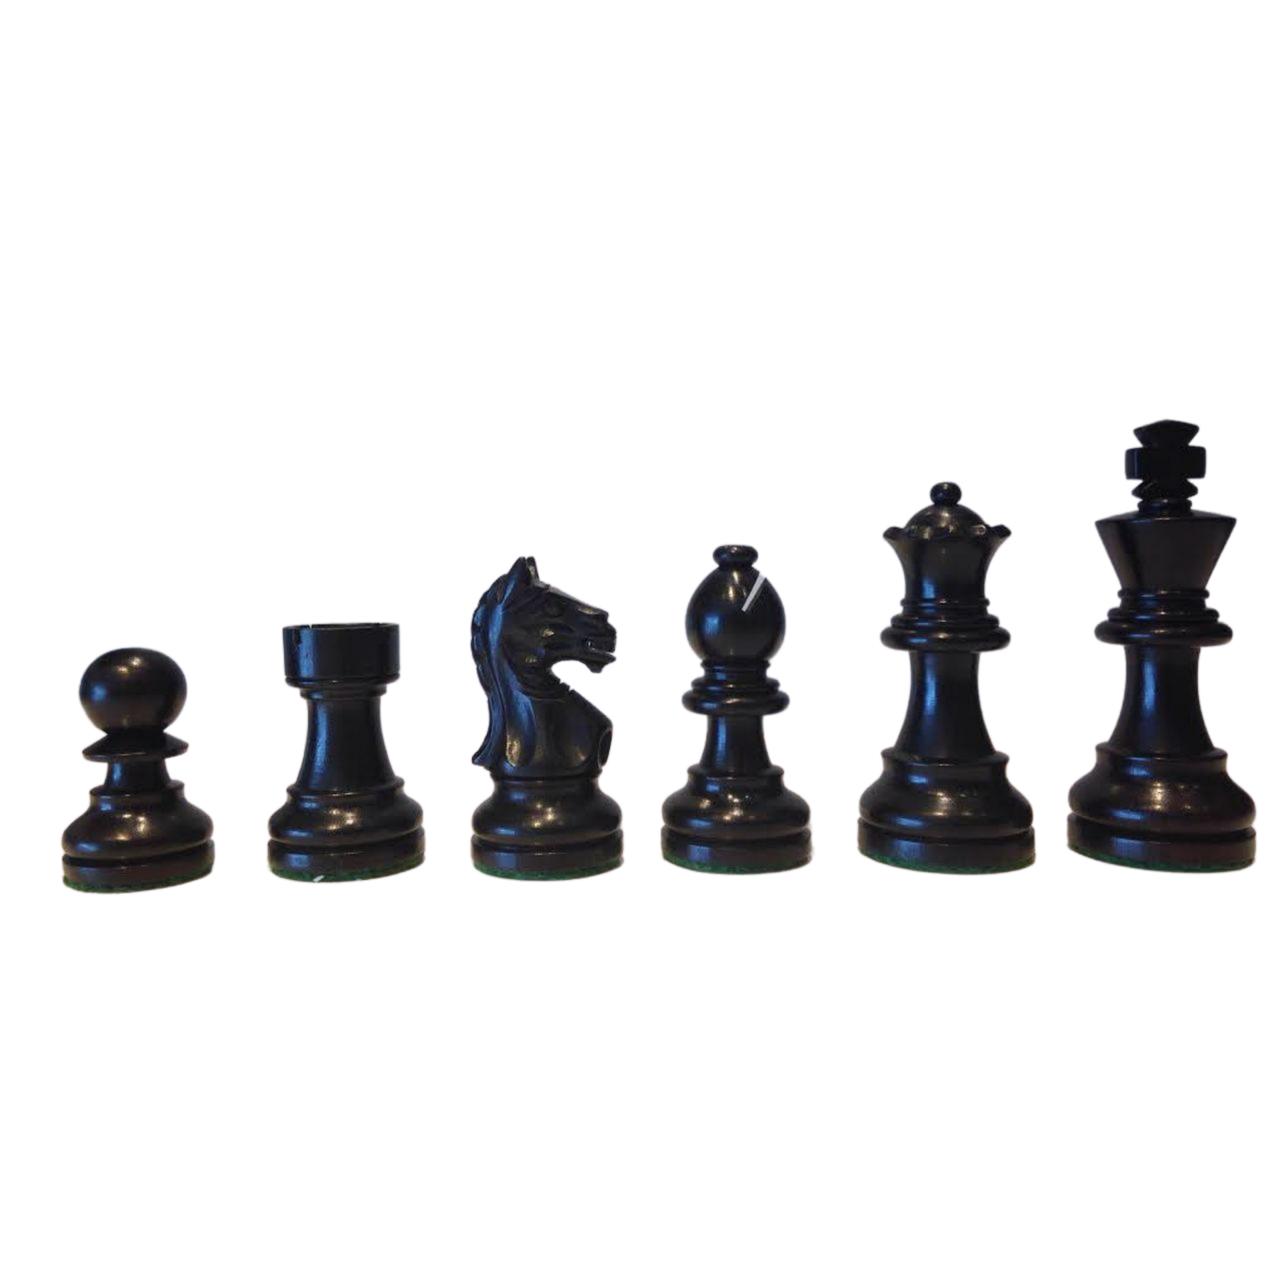 Rex Noir Expert 75mm Ebony / Boxwood Chess Pieces Only (EXP-E-75) dark